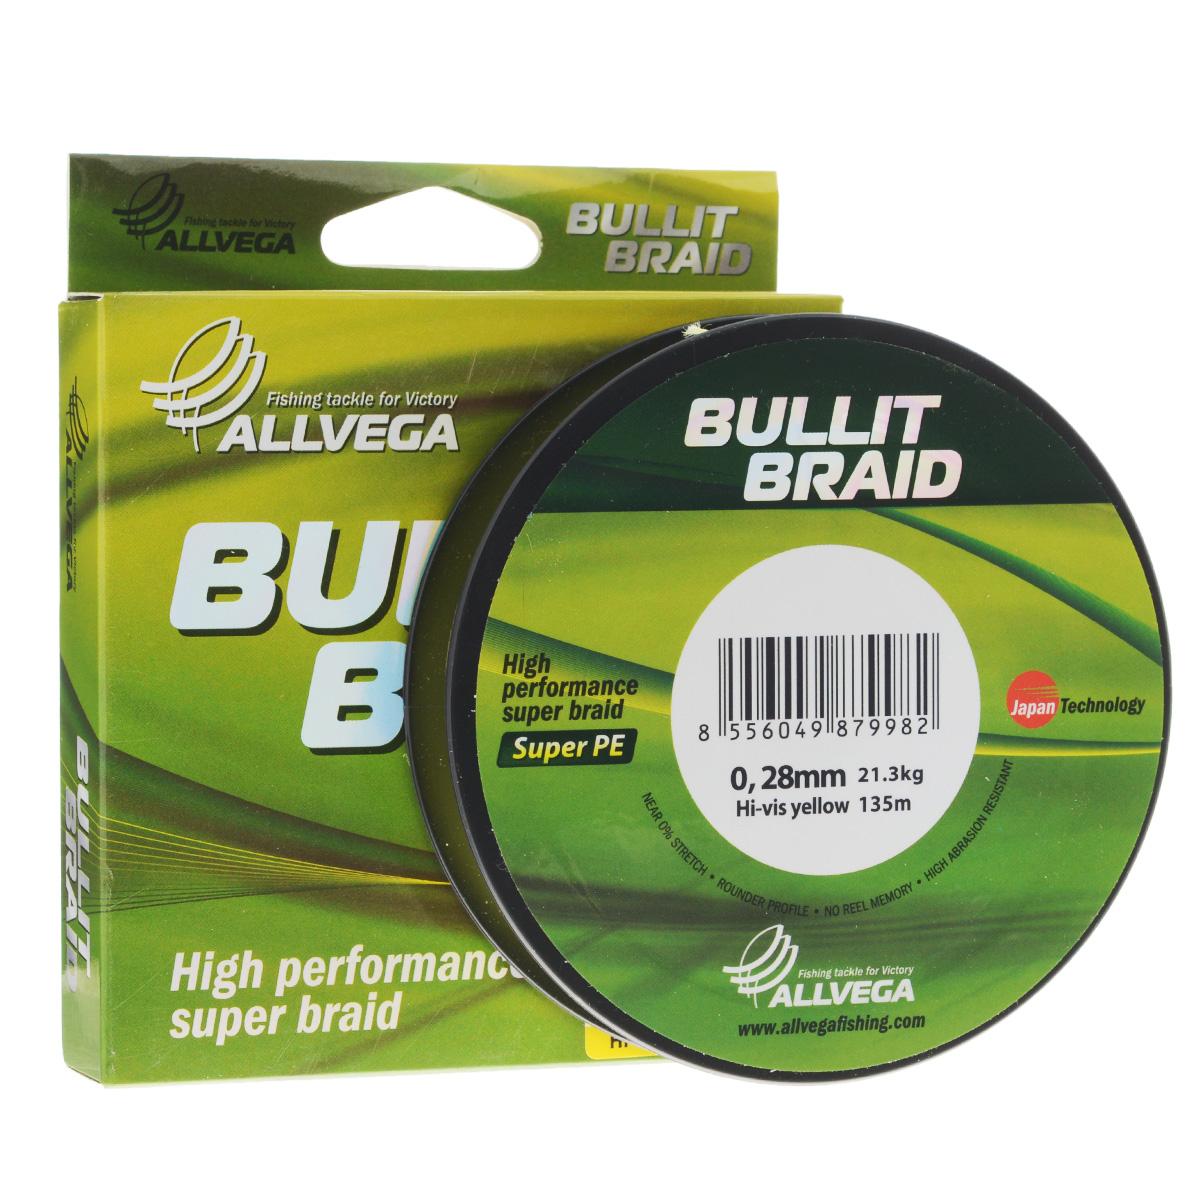 Леска плетеная Allvega Bullit Braid, цвет: ярко-желтый, 135 м, 0,28 мм, 21,3 кг21457Леска Allvega Bullit Braid с гладкой поверхностью и одинаковым сечением по всей длине обладает высокой износостойкостью. Благодаря микроволокнам полиэтилена (Super PE) леска имеет очень плотное плетение и не впитывает воду. Леску Allvega Bullit Braid можно применять в любых типах водоемов. Особенности: повышенная износостойкость; высокая чувствительность - коэффициент растяжения близок к нулю; отсутствует память; идеально гладкая поверхность позволяет увеличить дальность забросов; высокая прочность шнура на узлах.